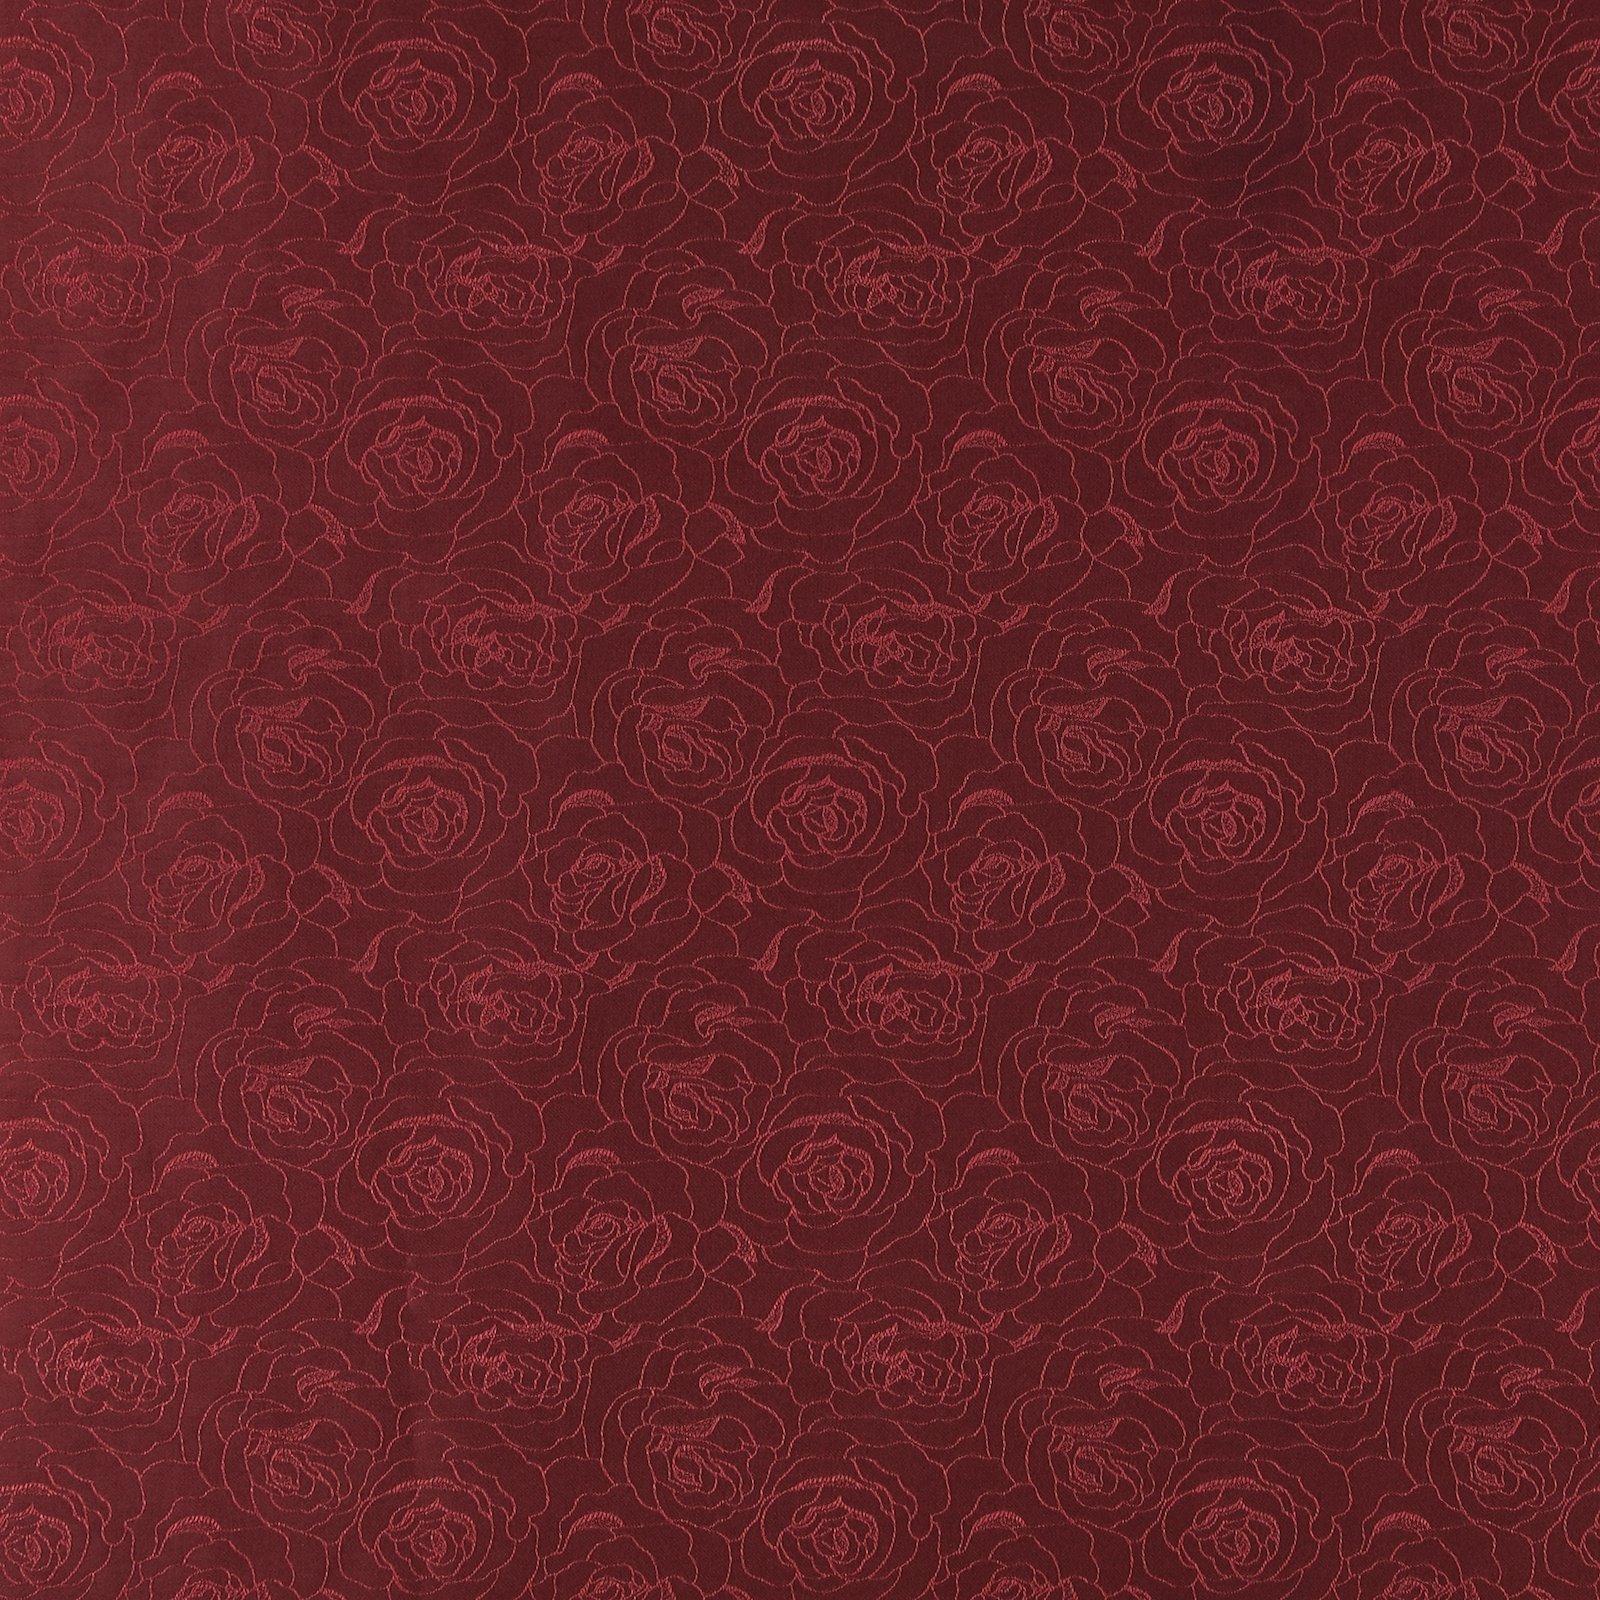 Jacquard bordeaux flower pattern 803702_pack_sp